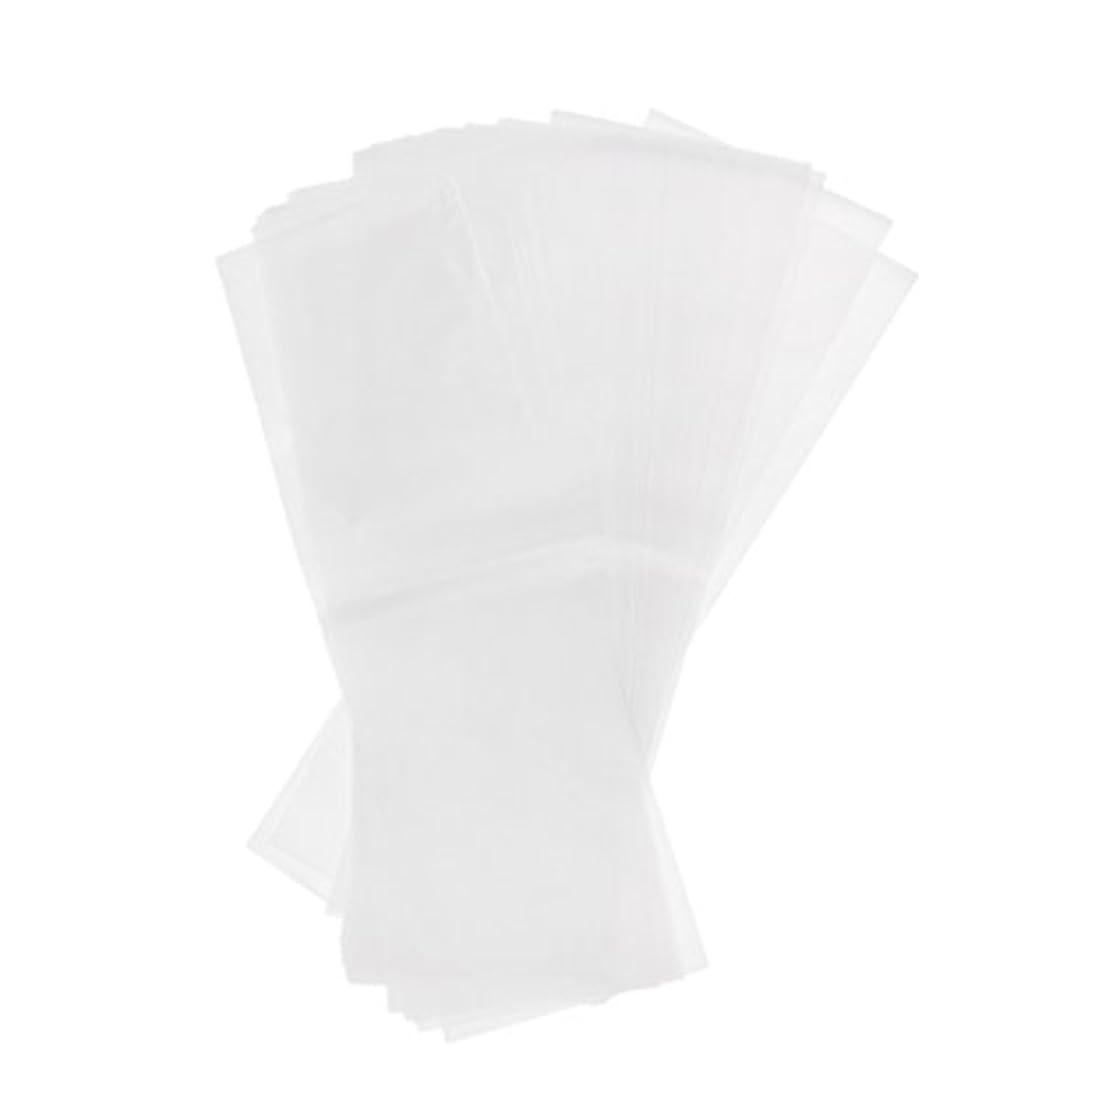 同じ軍艦侮辱Kesoto 約50枚 プラスチック製 染毛紙 ハイライト サロン 毛染め紙 ハイライトシート 再利用可能 2仕様選べ - ホワイト